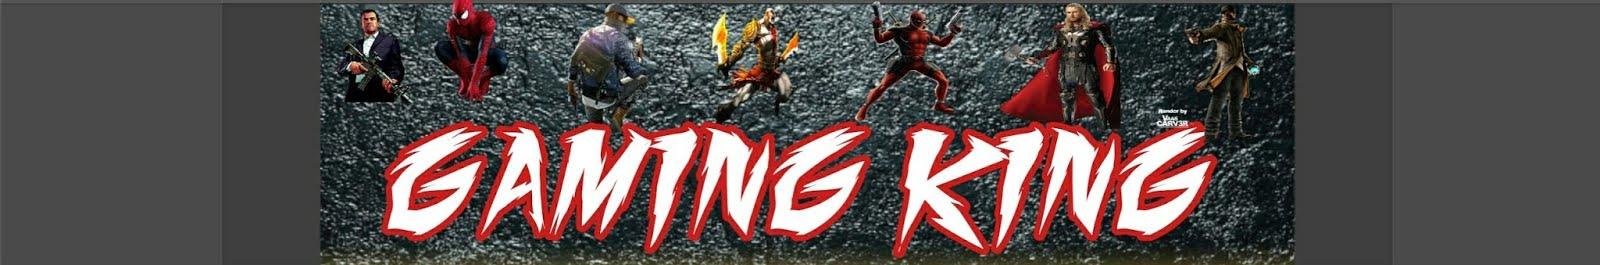 Download wr3d mod 2k18 best mod forever - GAMING KING